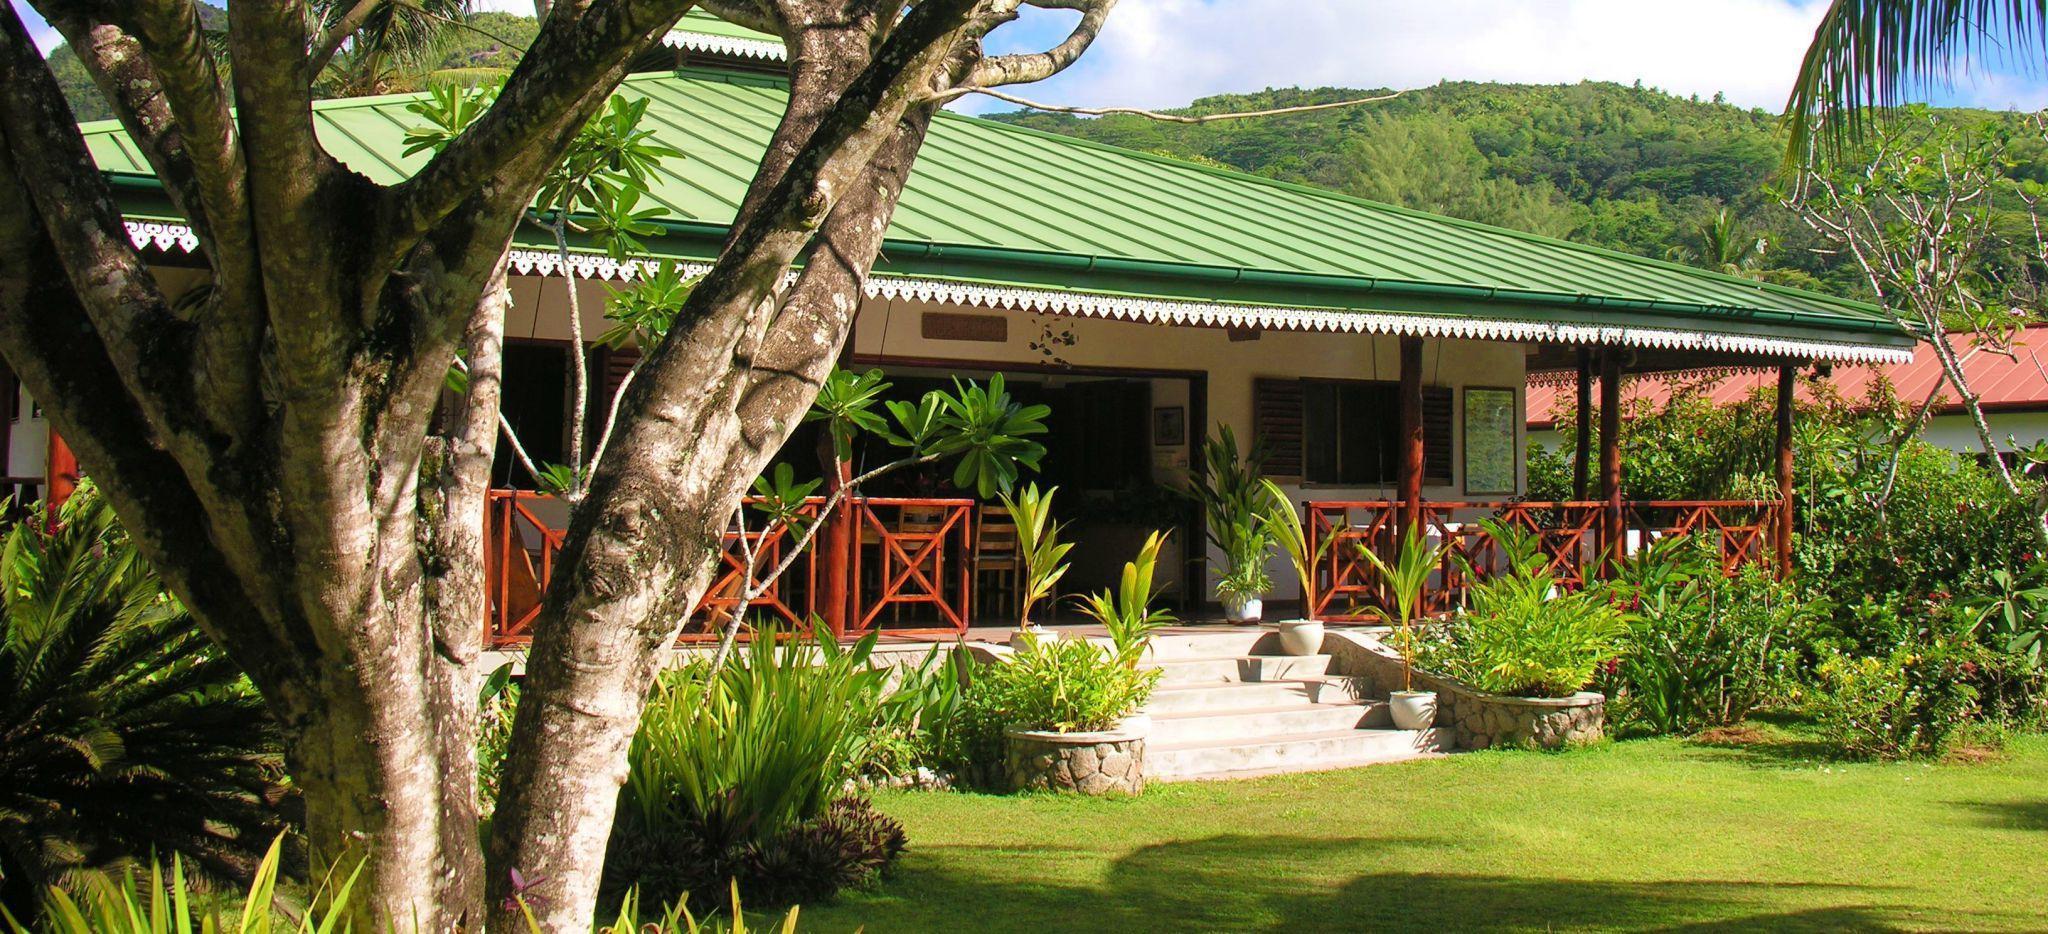 Ein großes Kolonialhaus mit grünem Dach durch einen tropischen Garten gesehen. Aufgenommen in der Villa Bambou auf den Seychellen